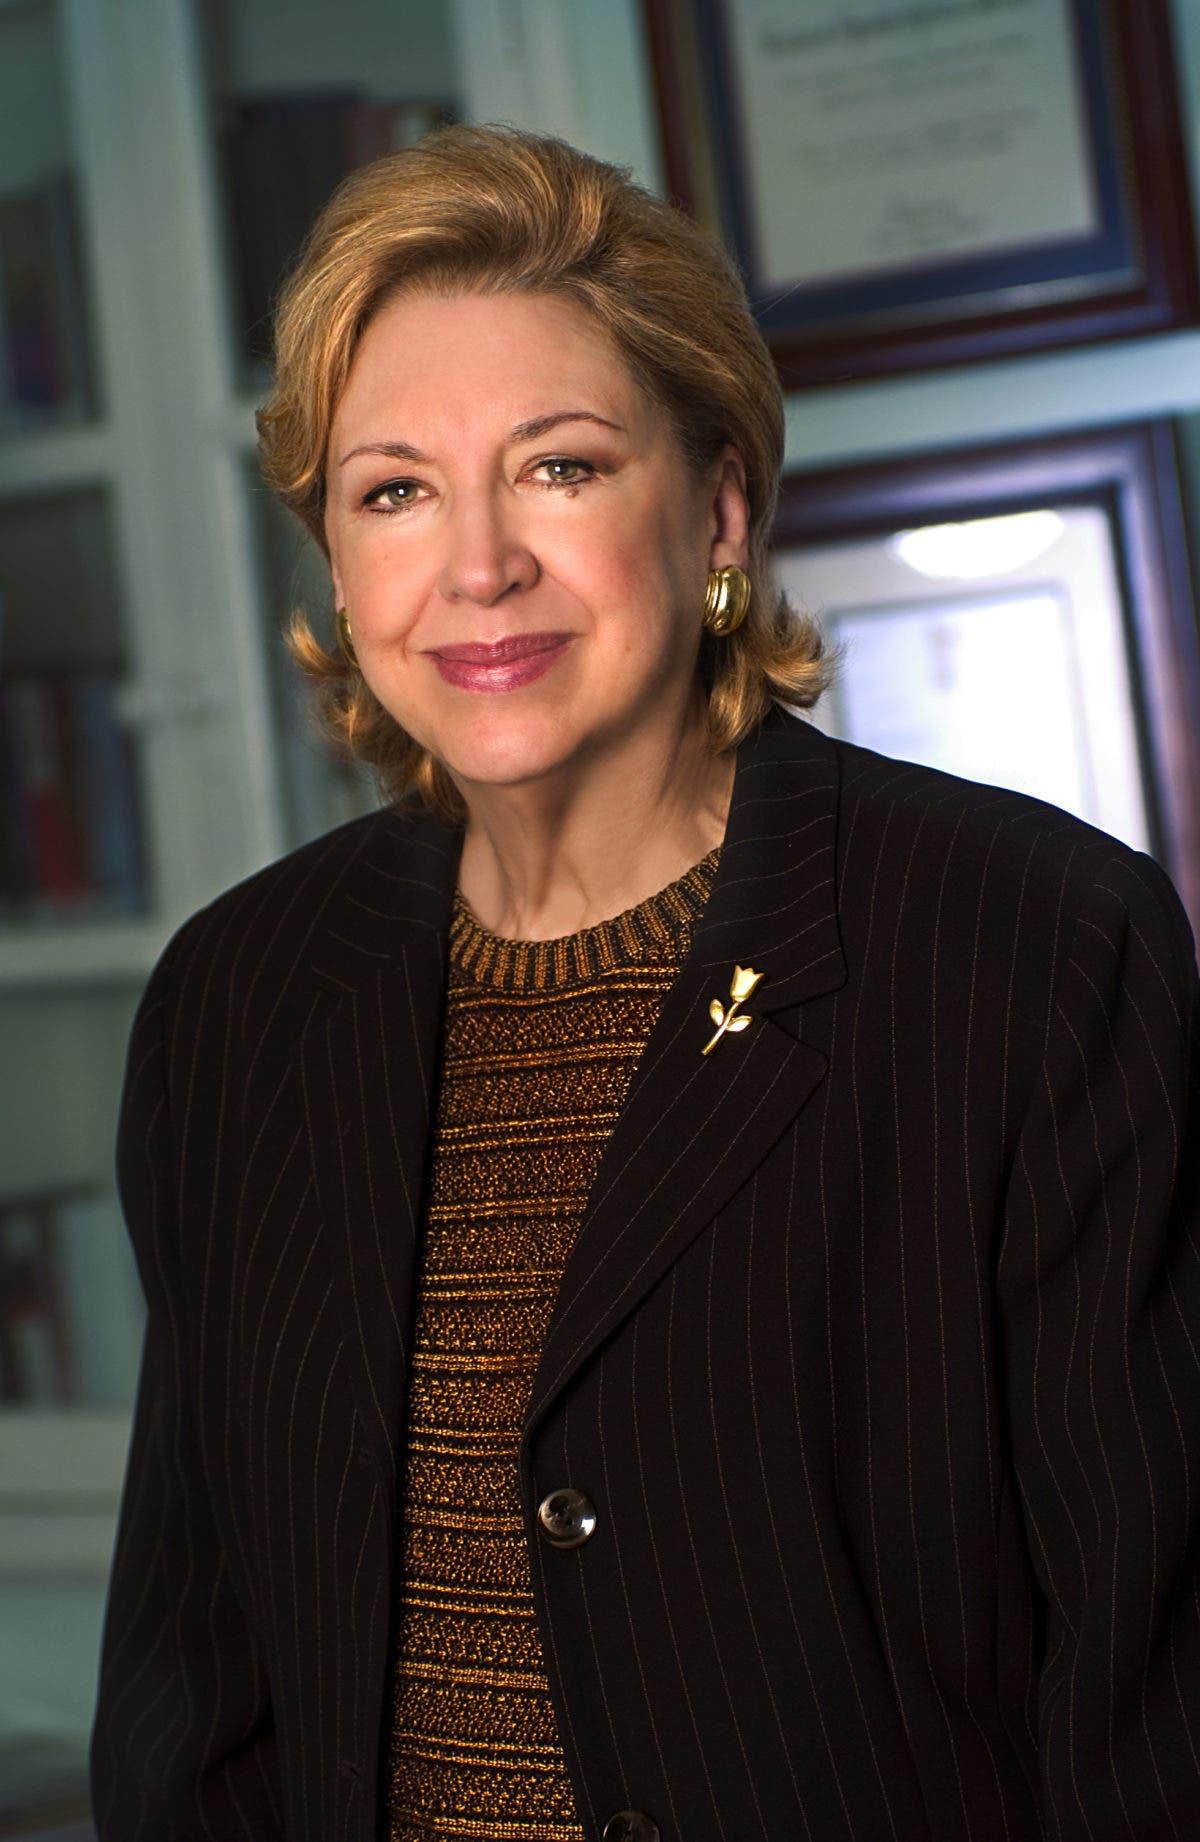 Murió Margarita Copello de Rodríguez, presidenta de la Fundación Sinfonía